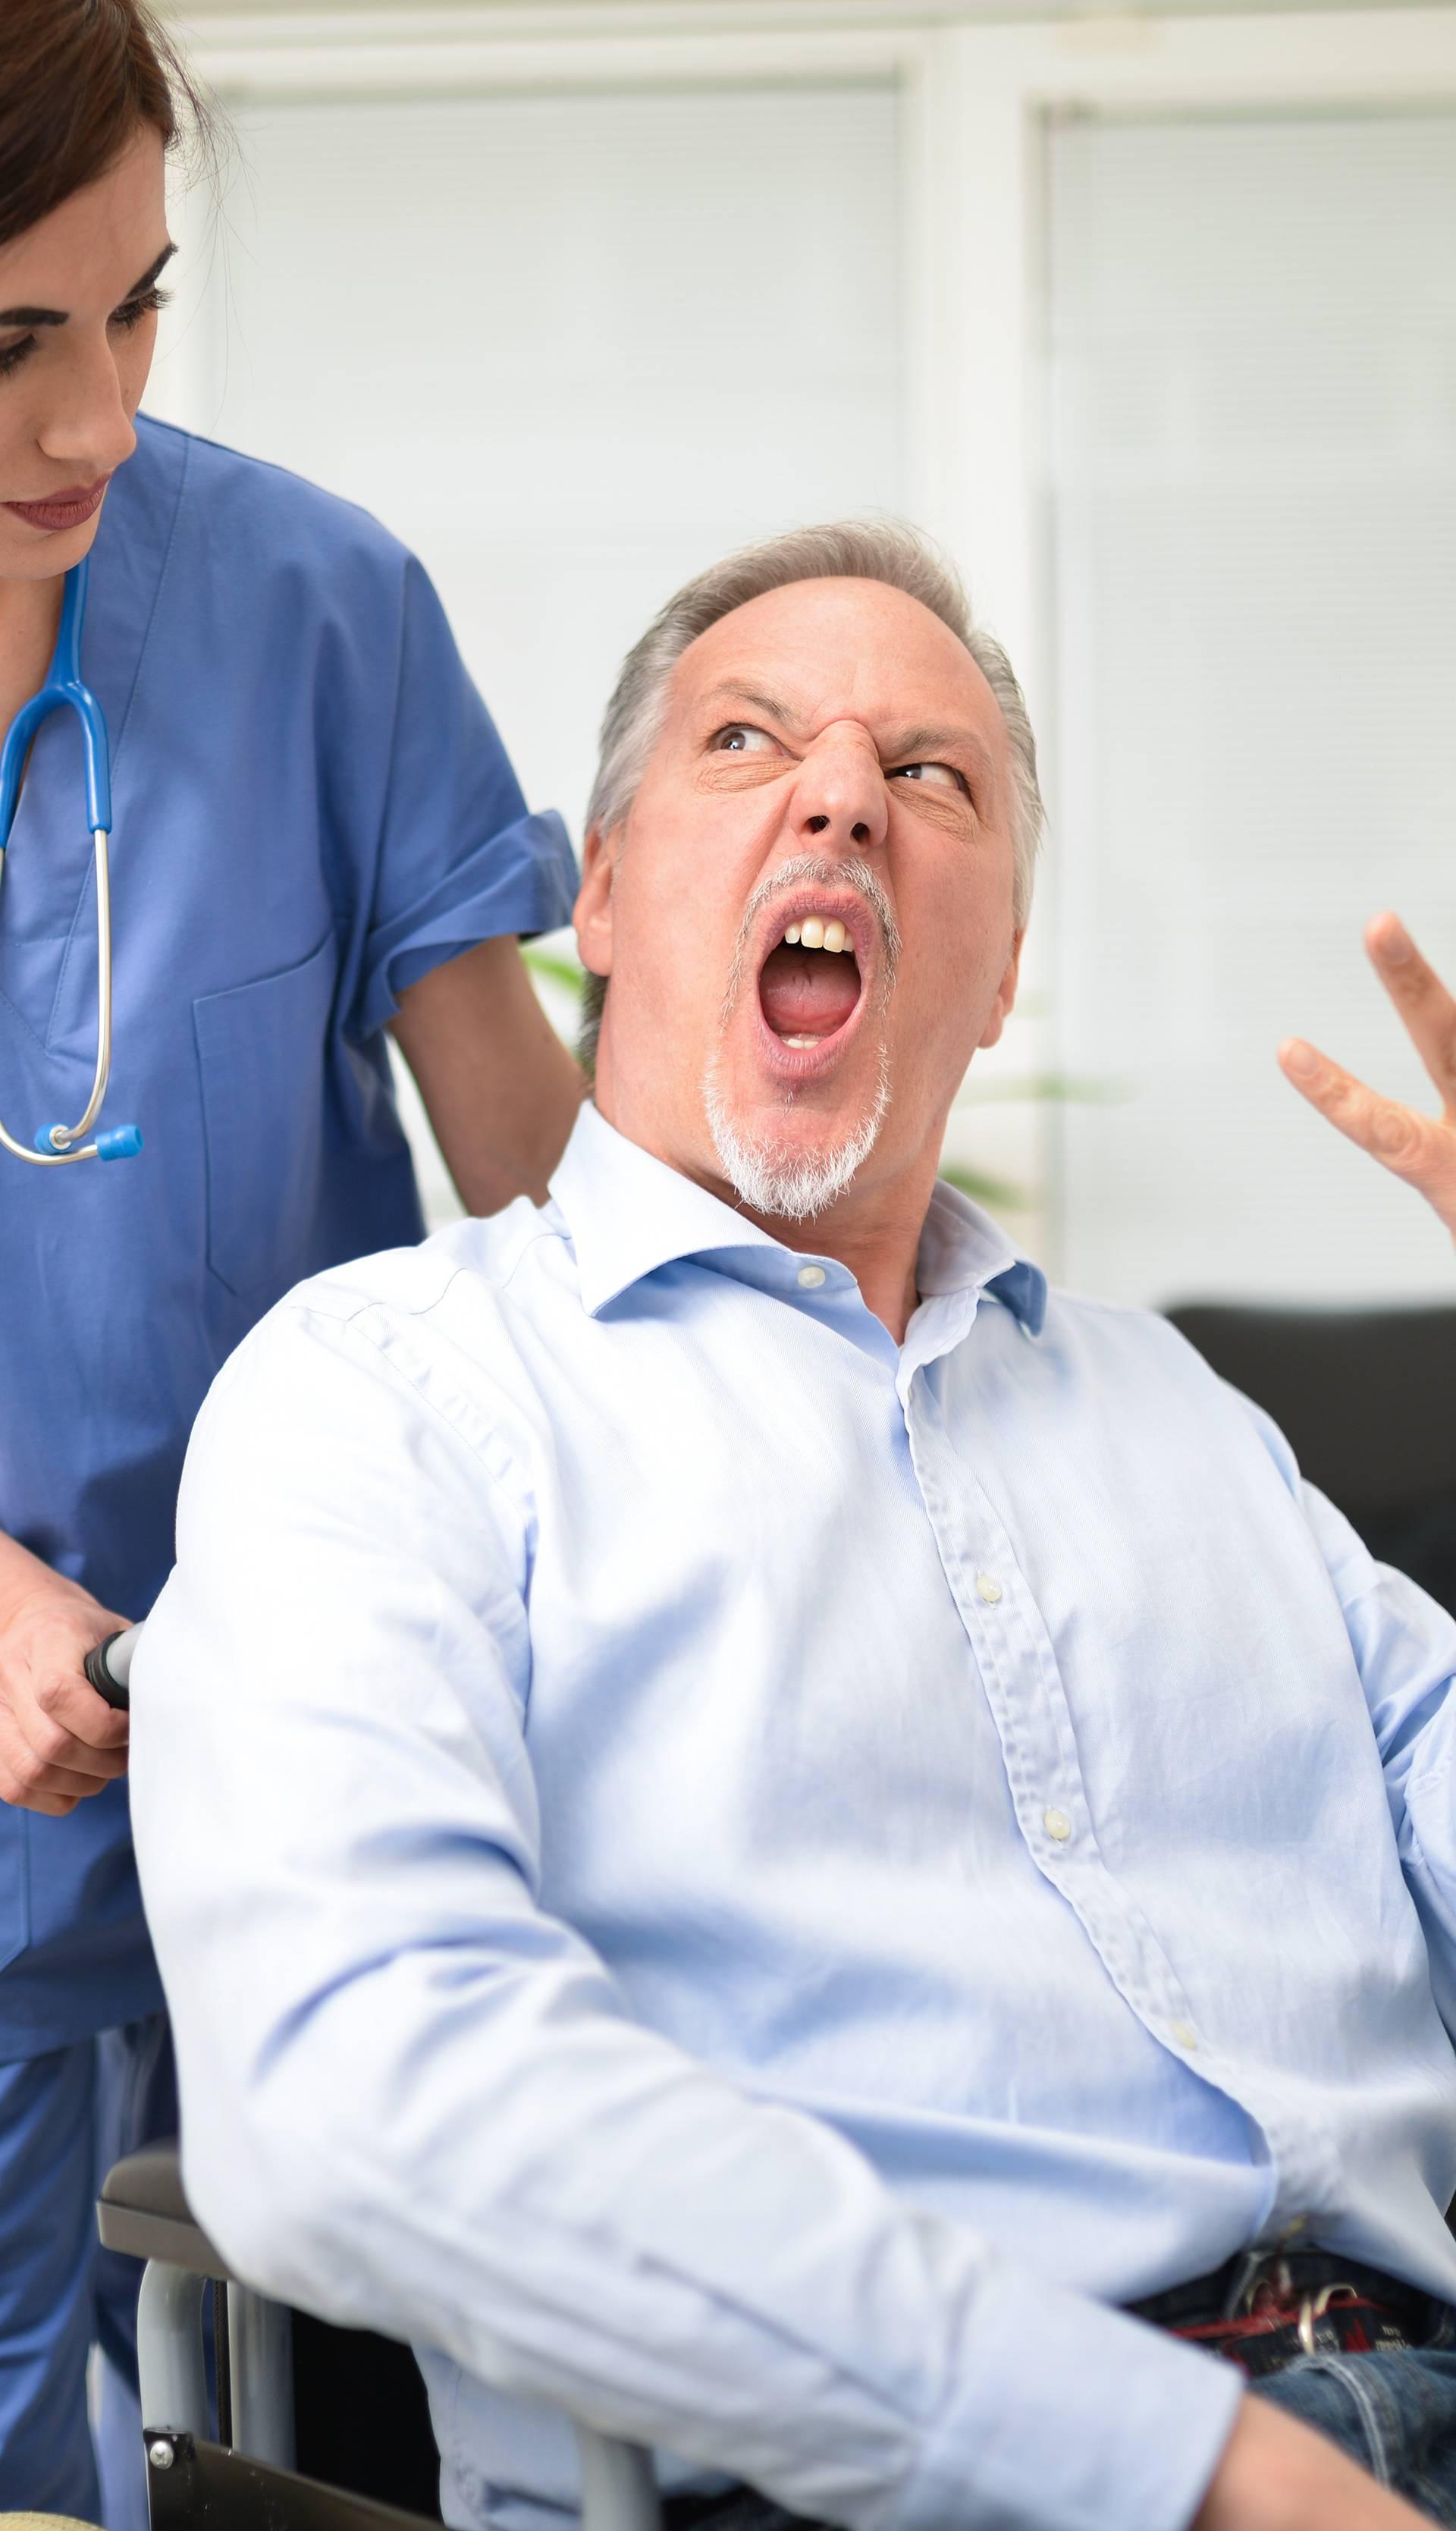 Što nas živcira kad moramo liječniku i kako tome doskočiti?